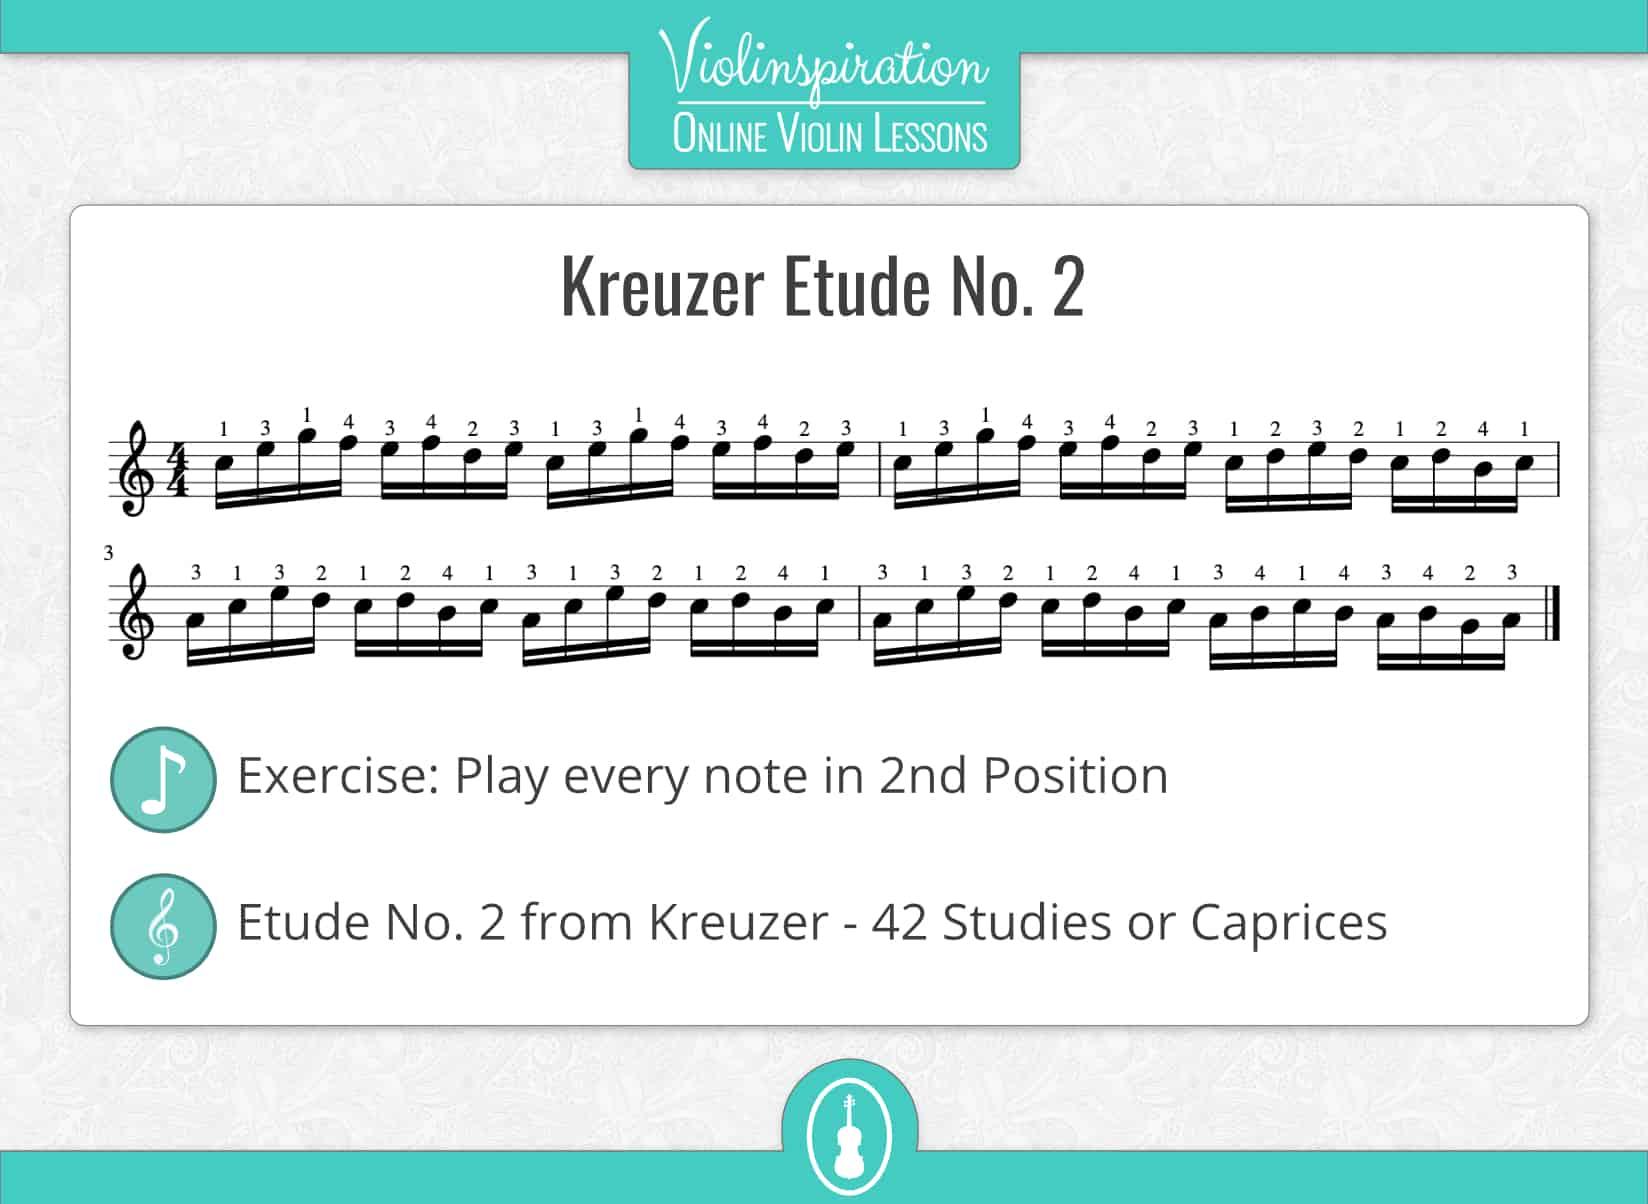 Kreuzer Etude No. 2 - Second Position